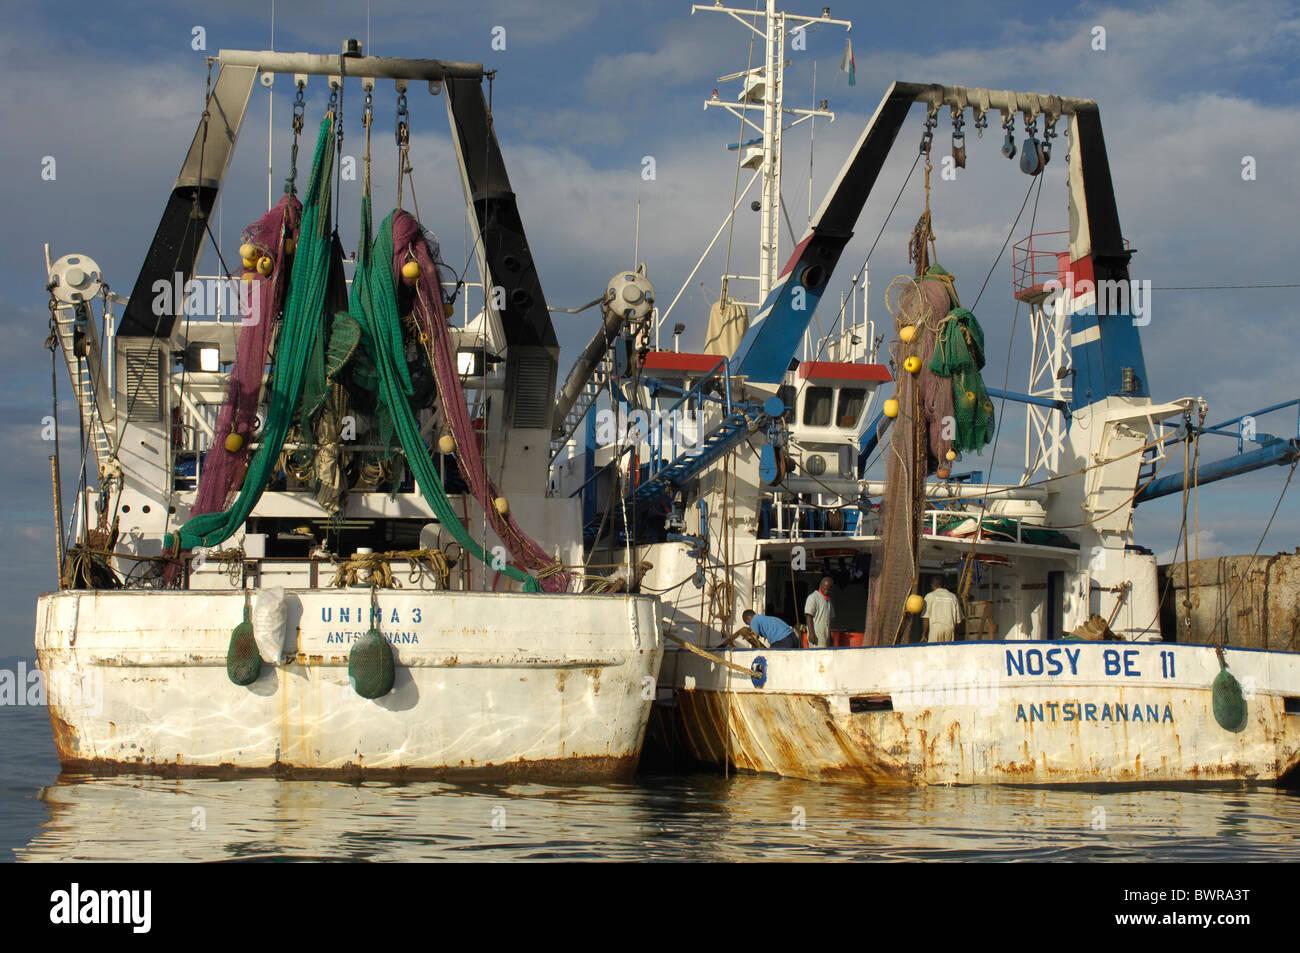 Indian Ocean Andoany city Madagascar Nosy Be island Hell Ville harbor harbor ships ship coast sea fishermen - Stock Image